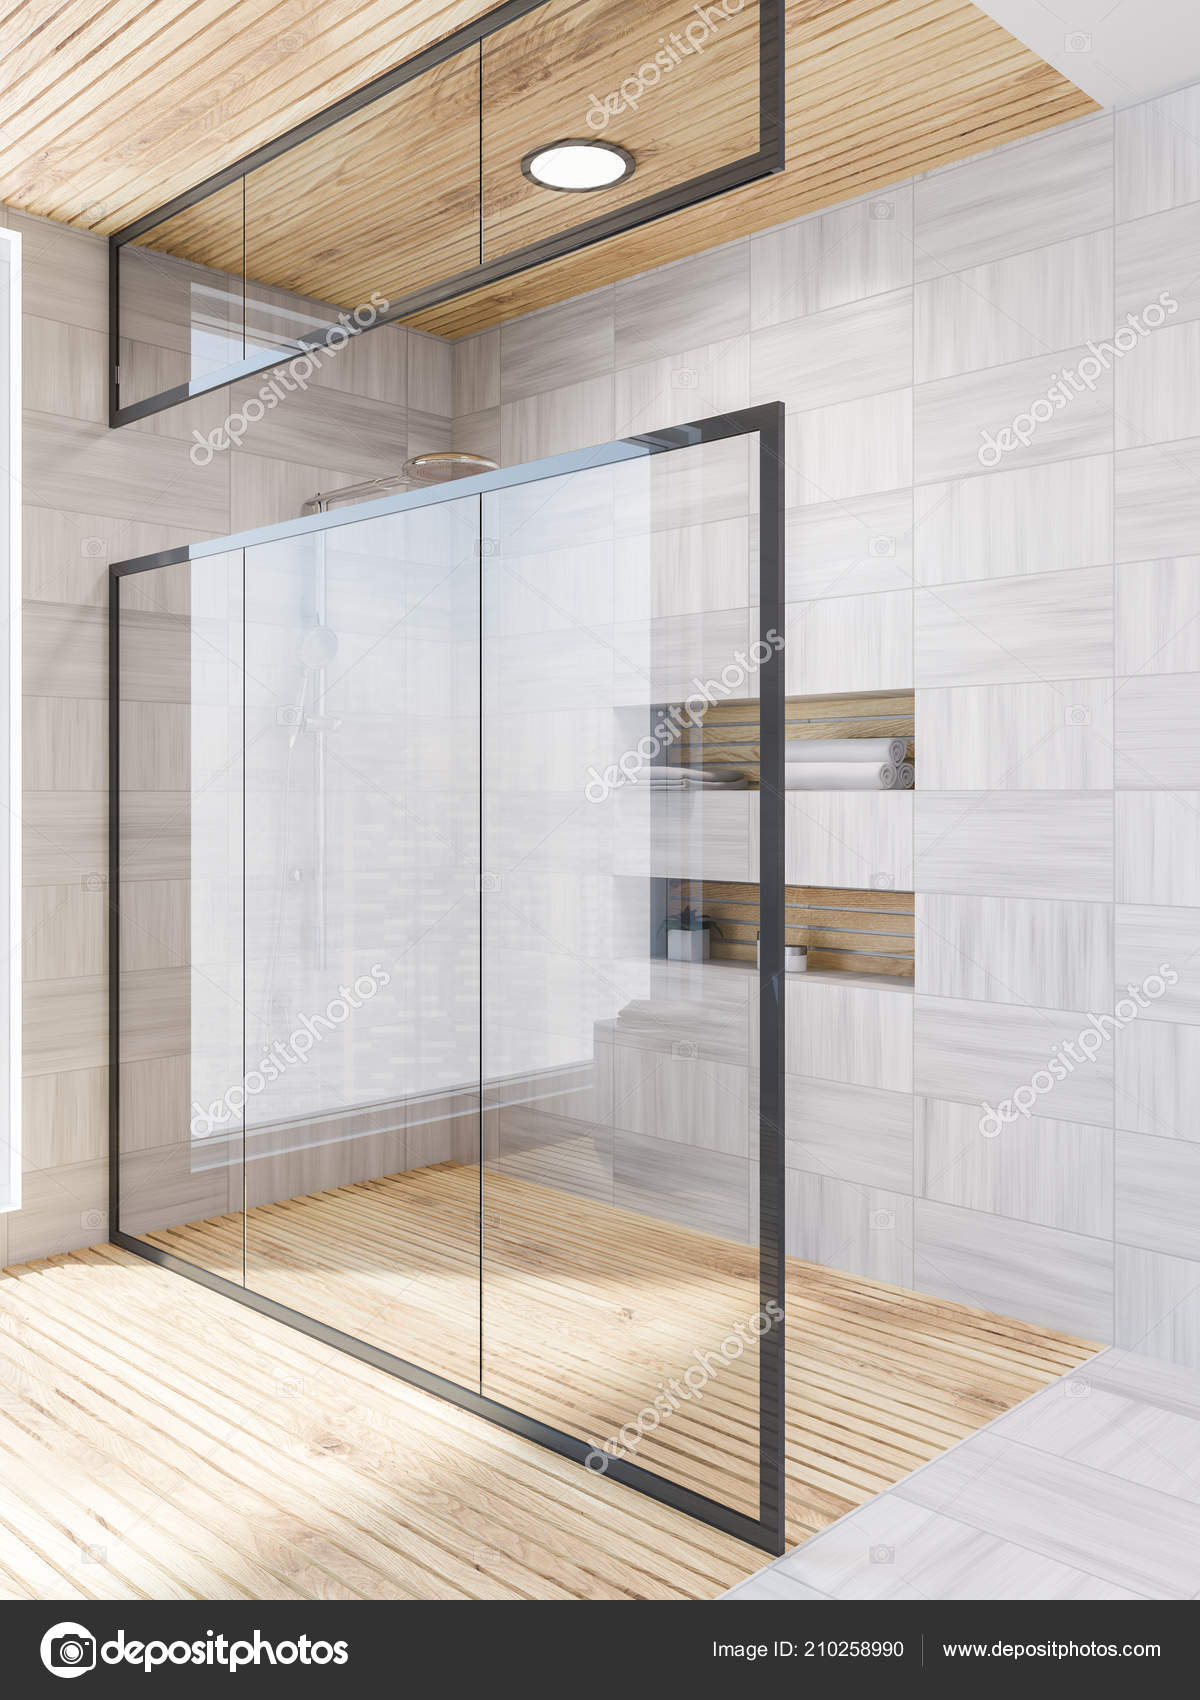 Verwonderlijk Hoek Van Badkamer Met Witte Houten Muren Vloer Een Glazen GU-74